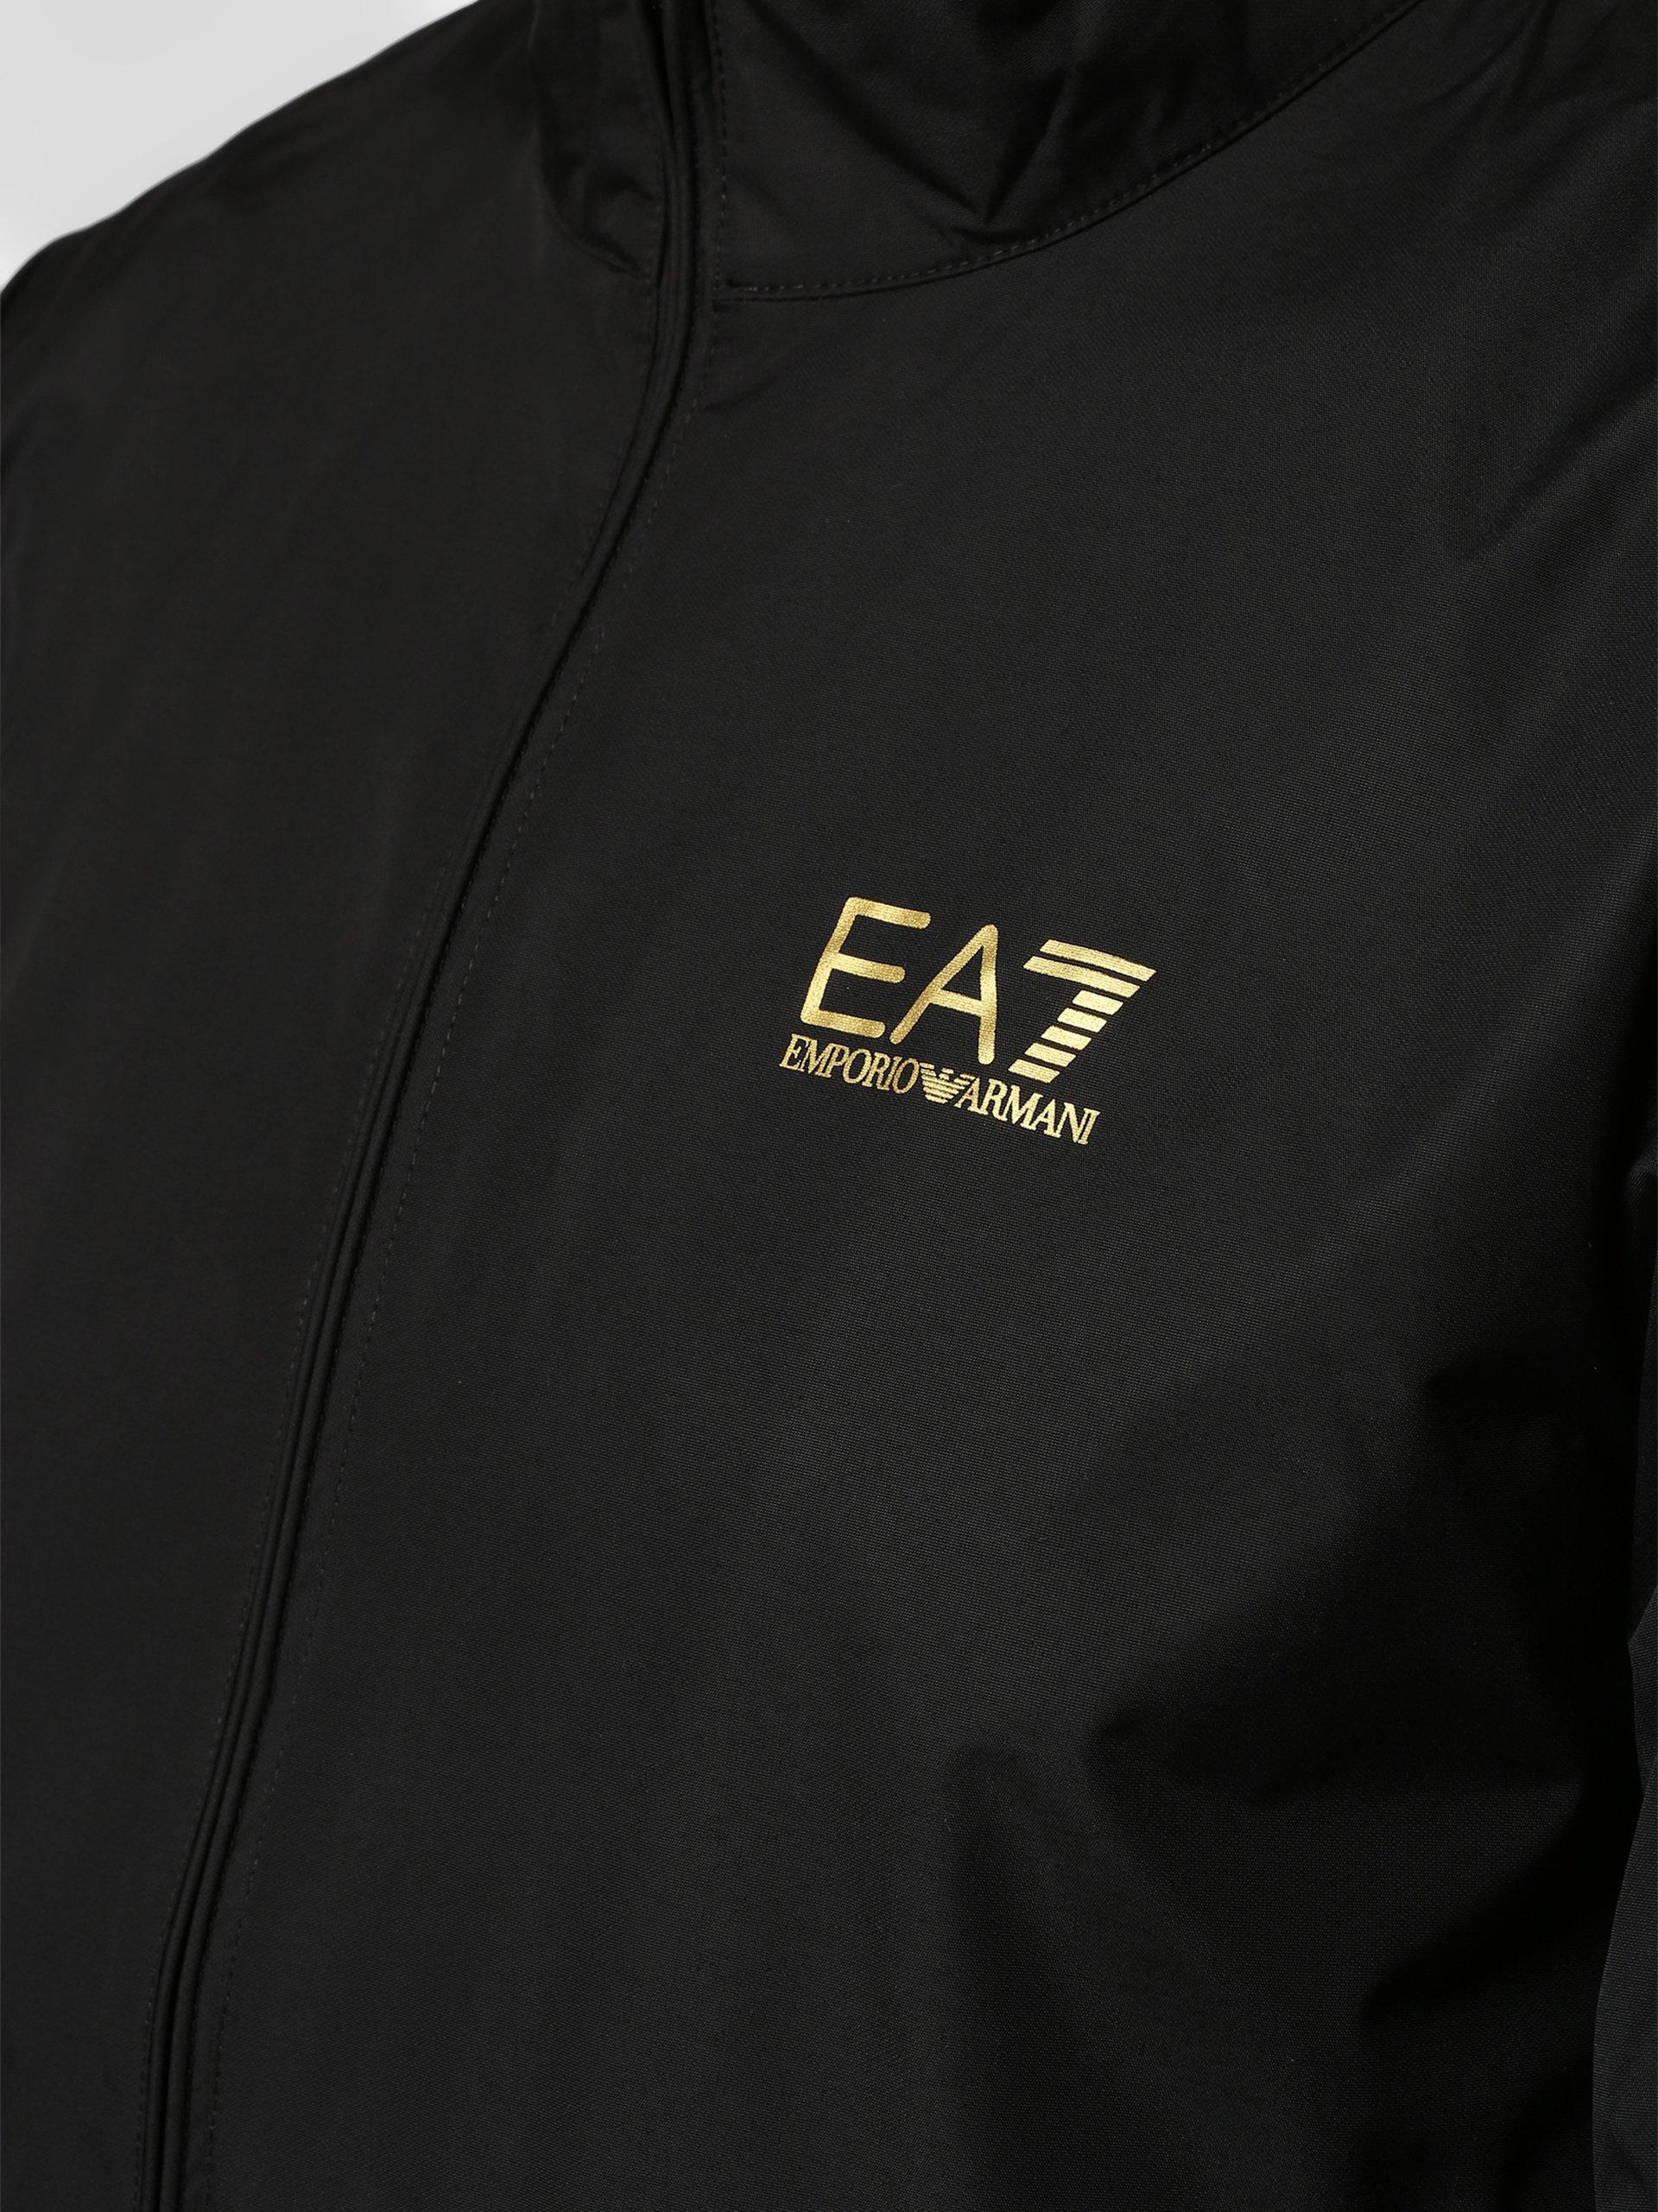 EA7 Emporio Armani Herren Jacke